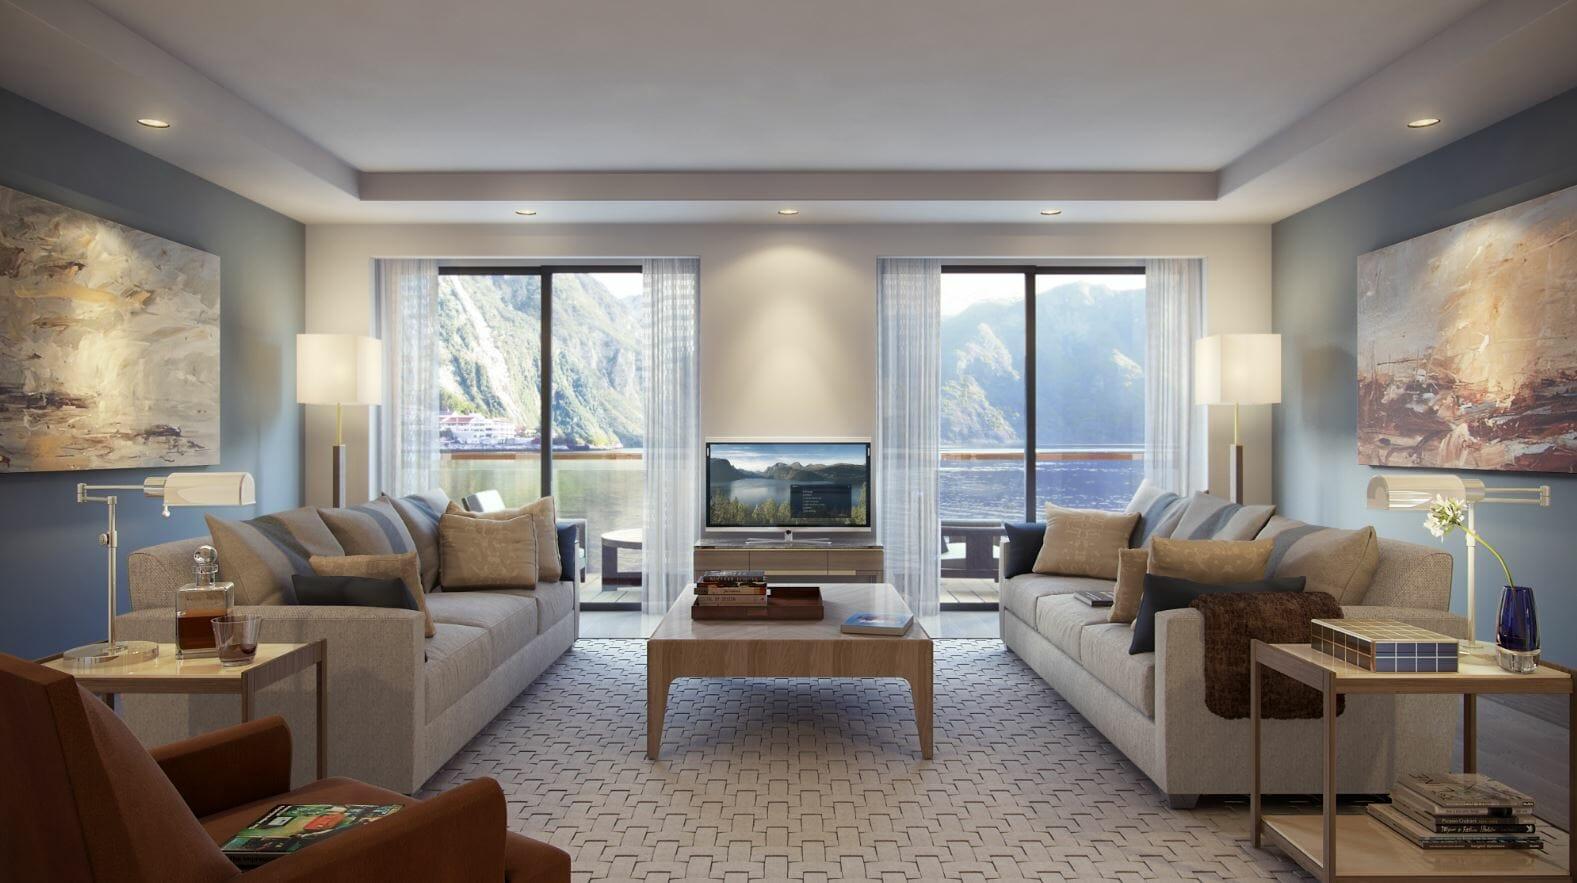 شراء أثاث غرفة المعيشة على الإنترنت جعل الديكور decorilla